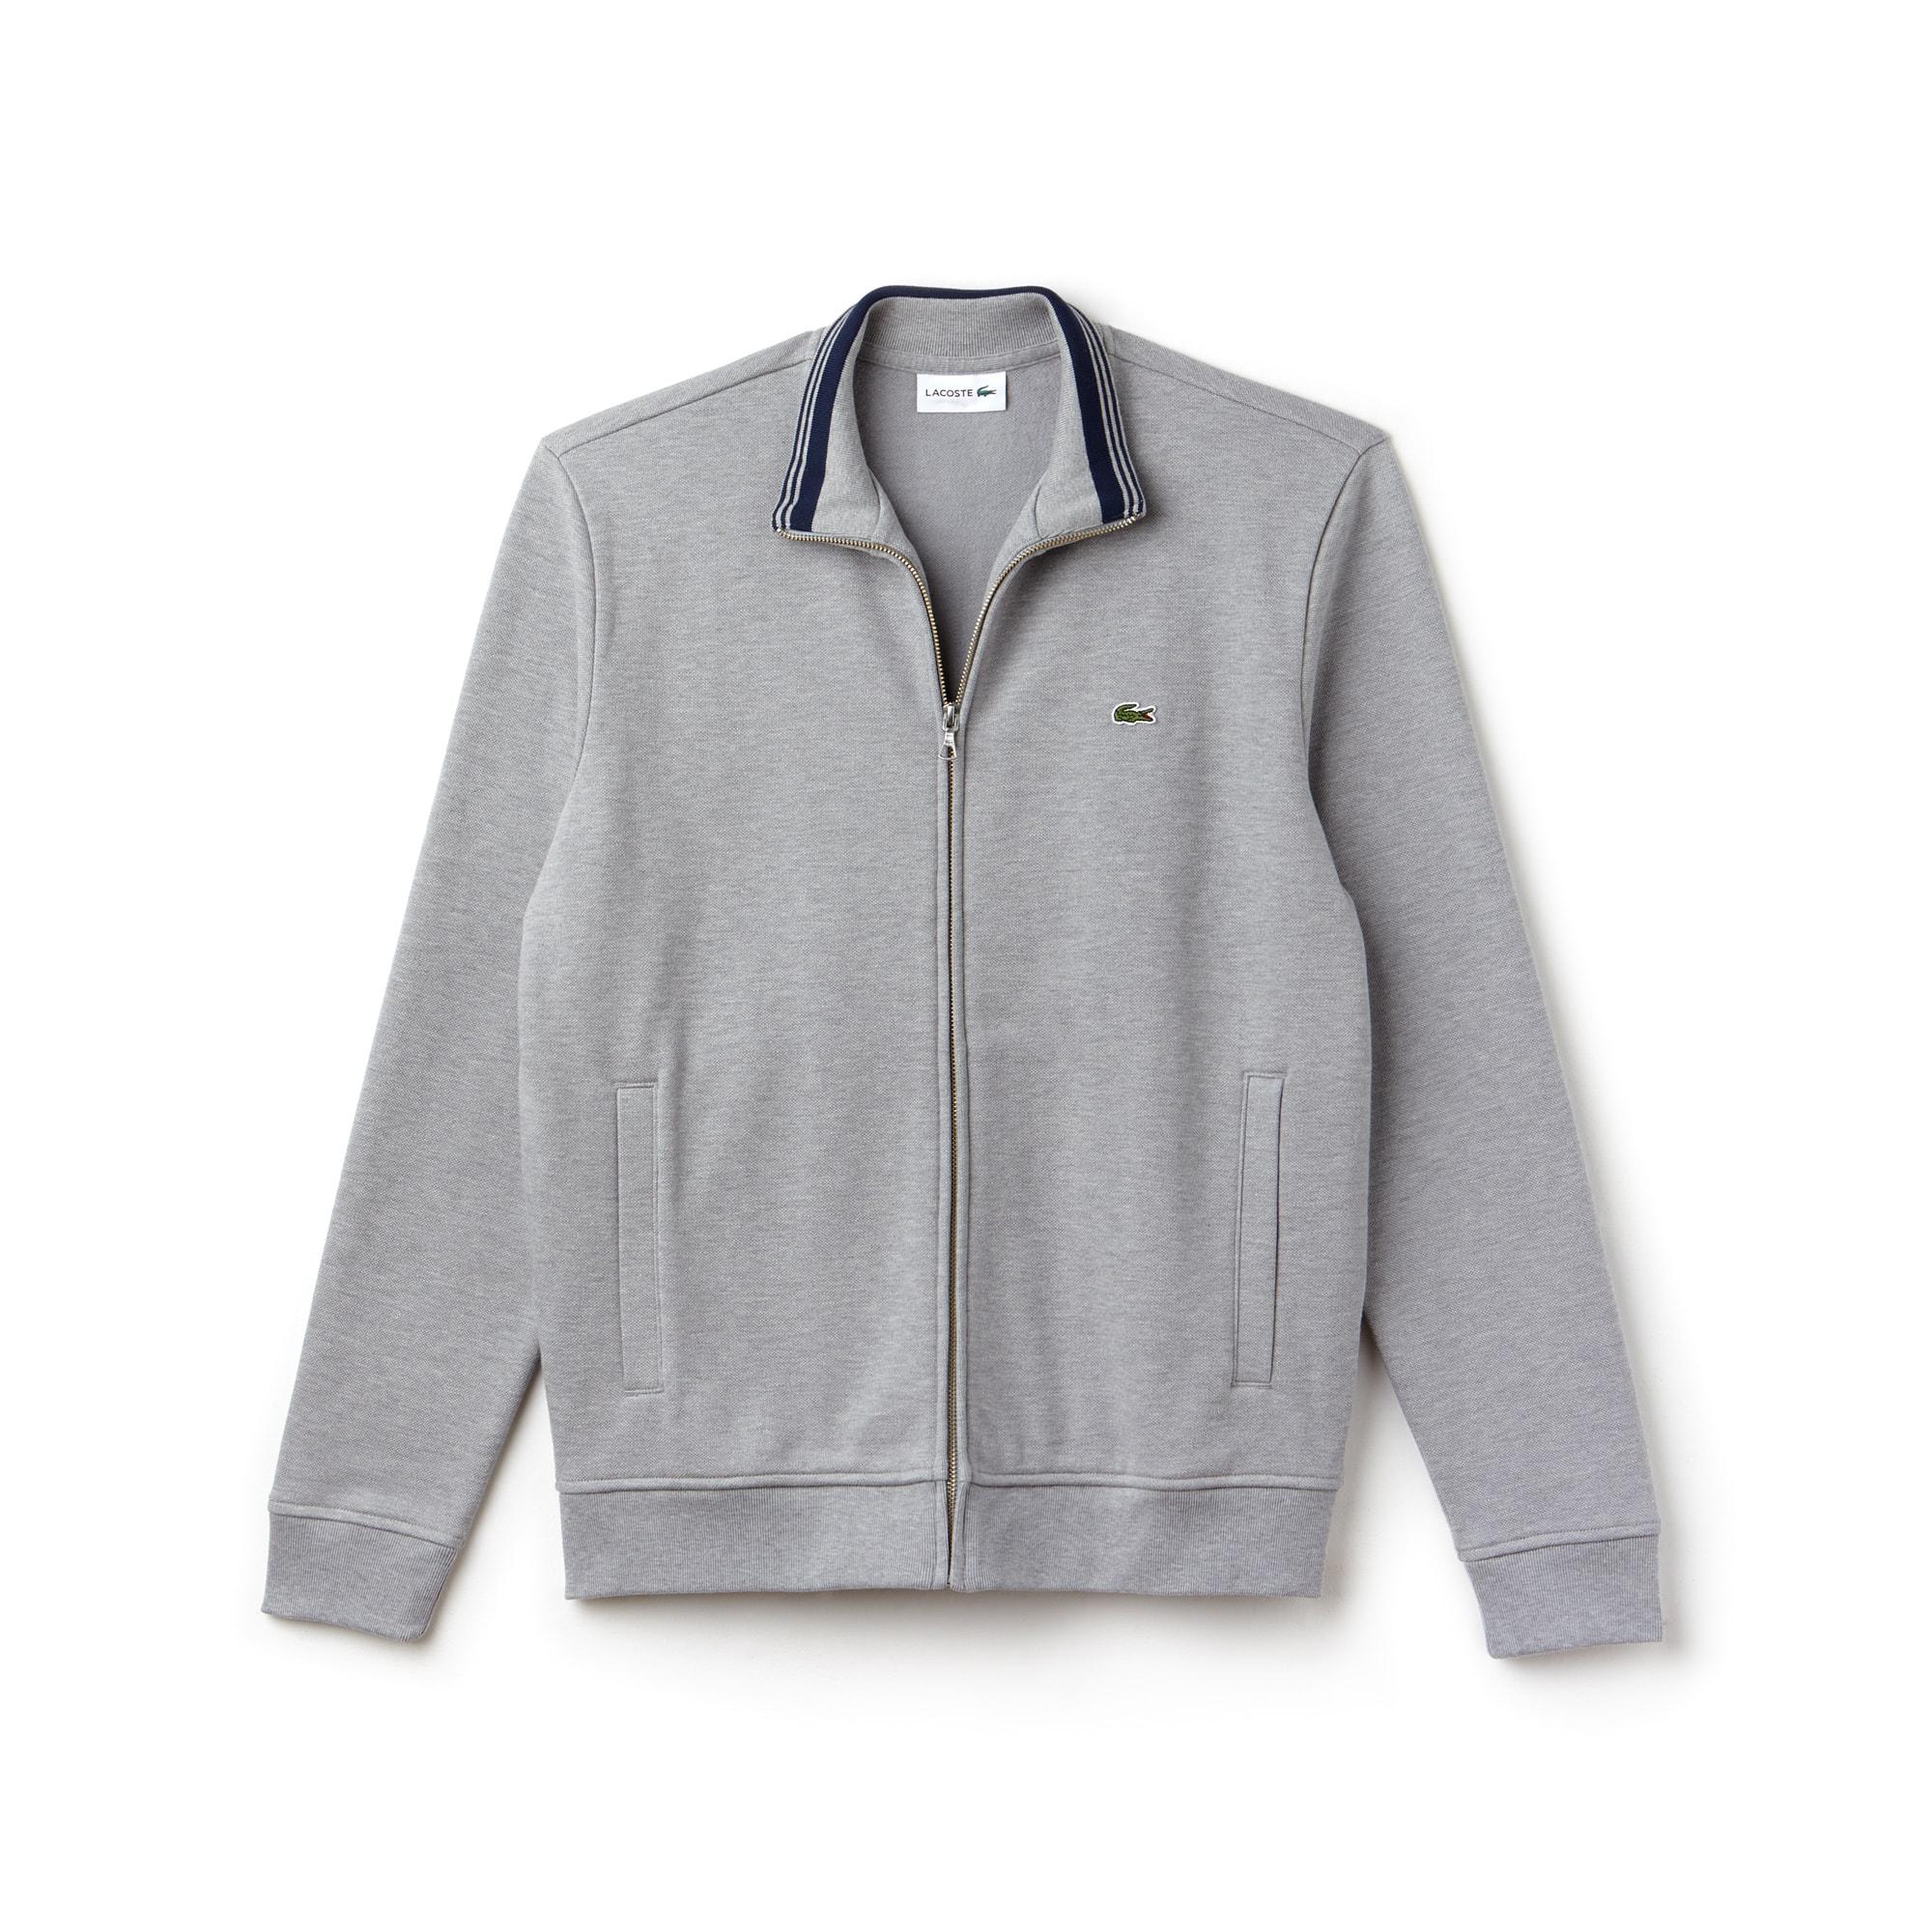 Herren-Sweatshirt aus Fleece mit Stehkragen und Reißverschluss